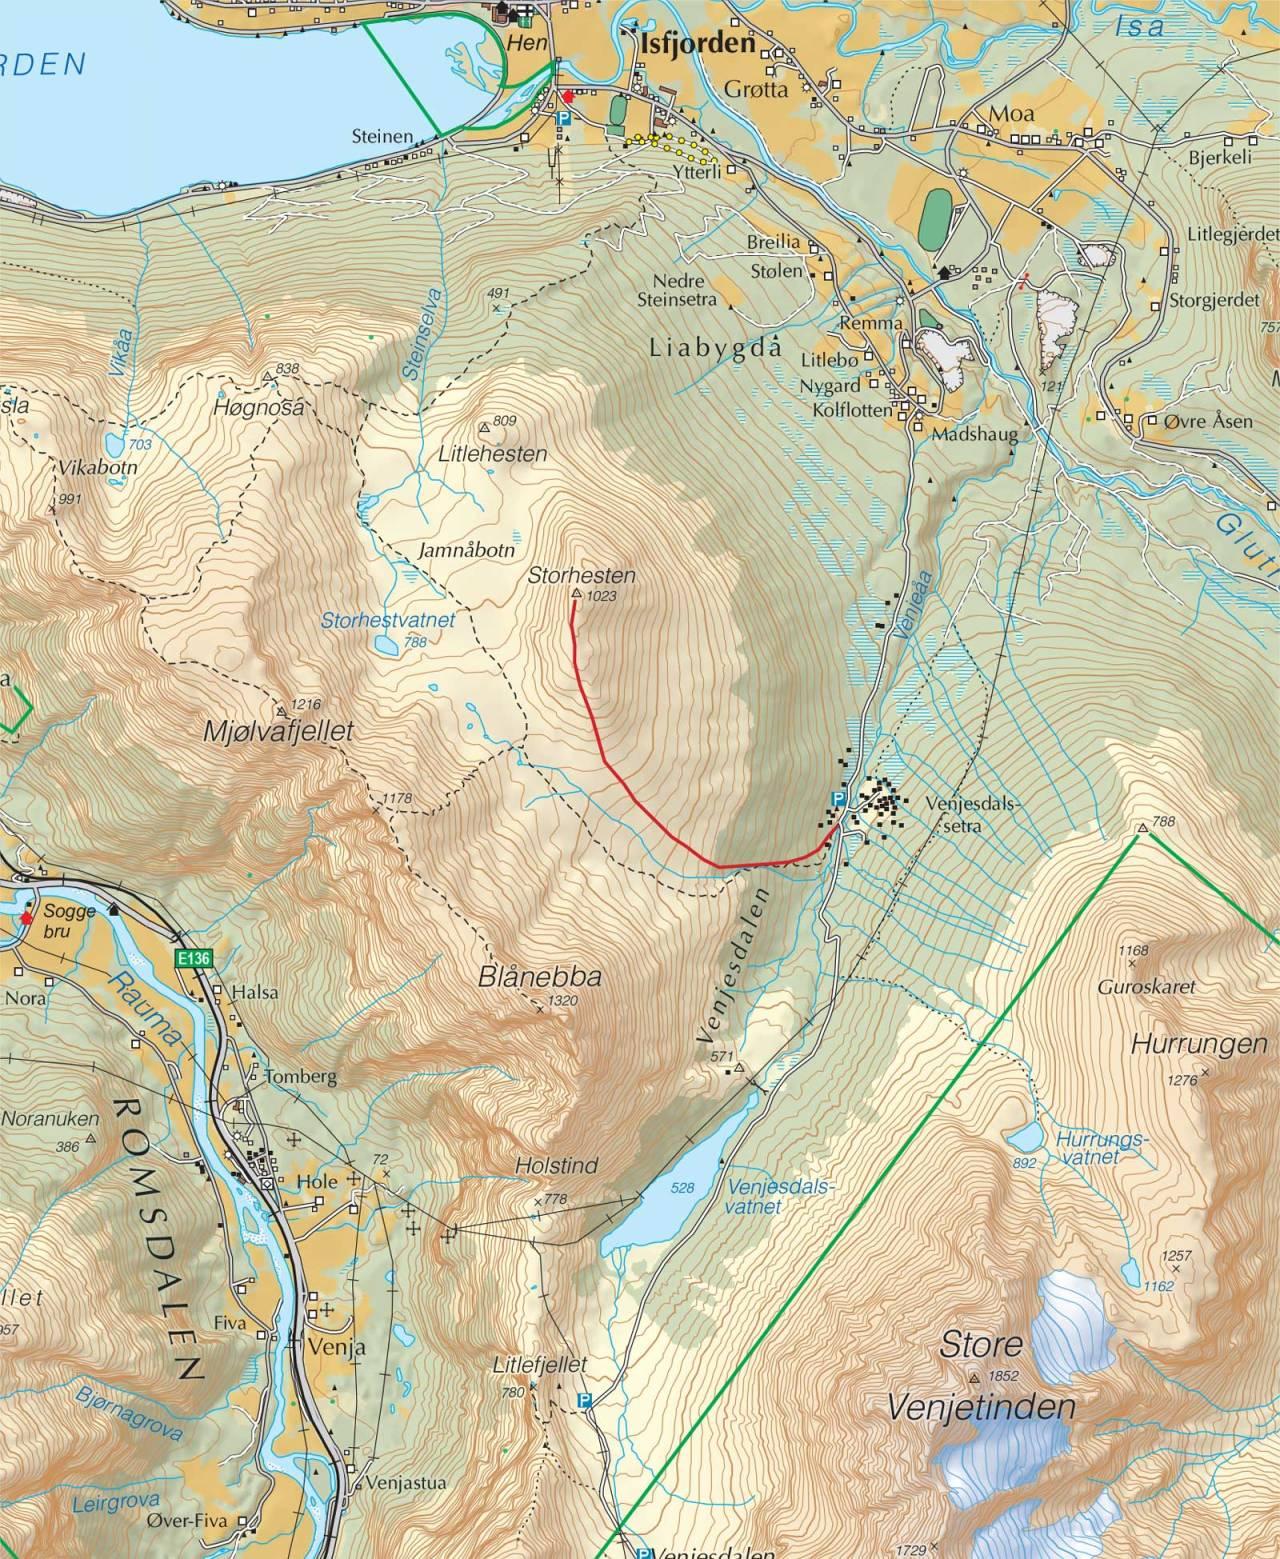 Kart over Storhesten med inntegnet rute. Fra Trygge toppturer.